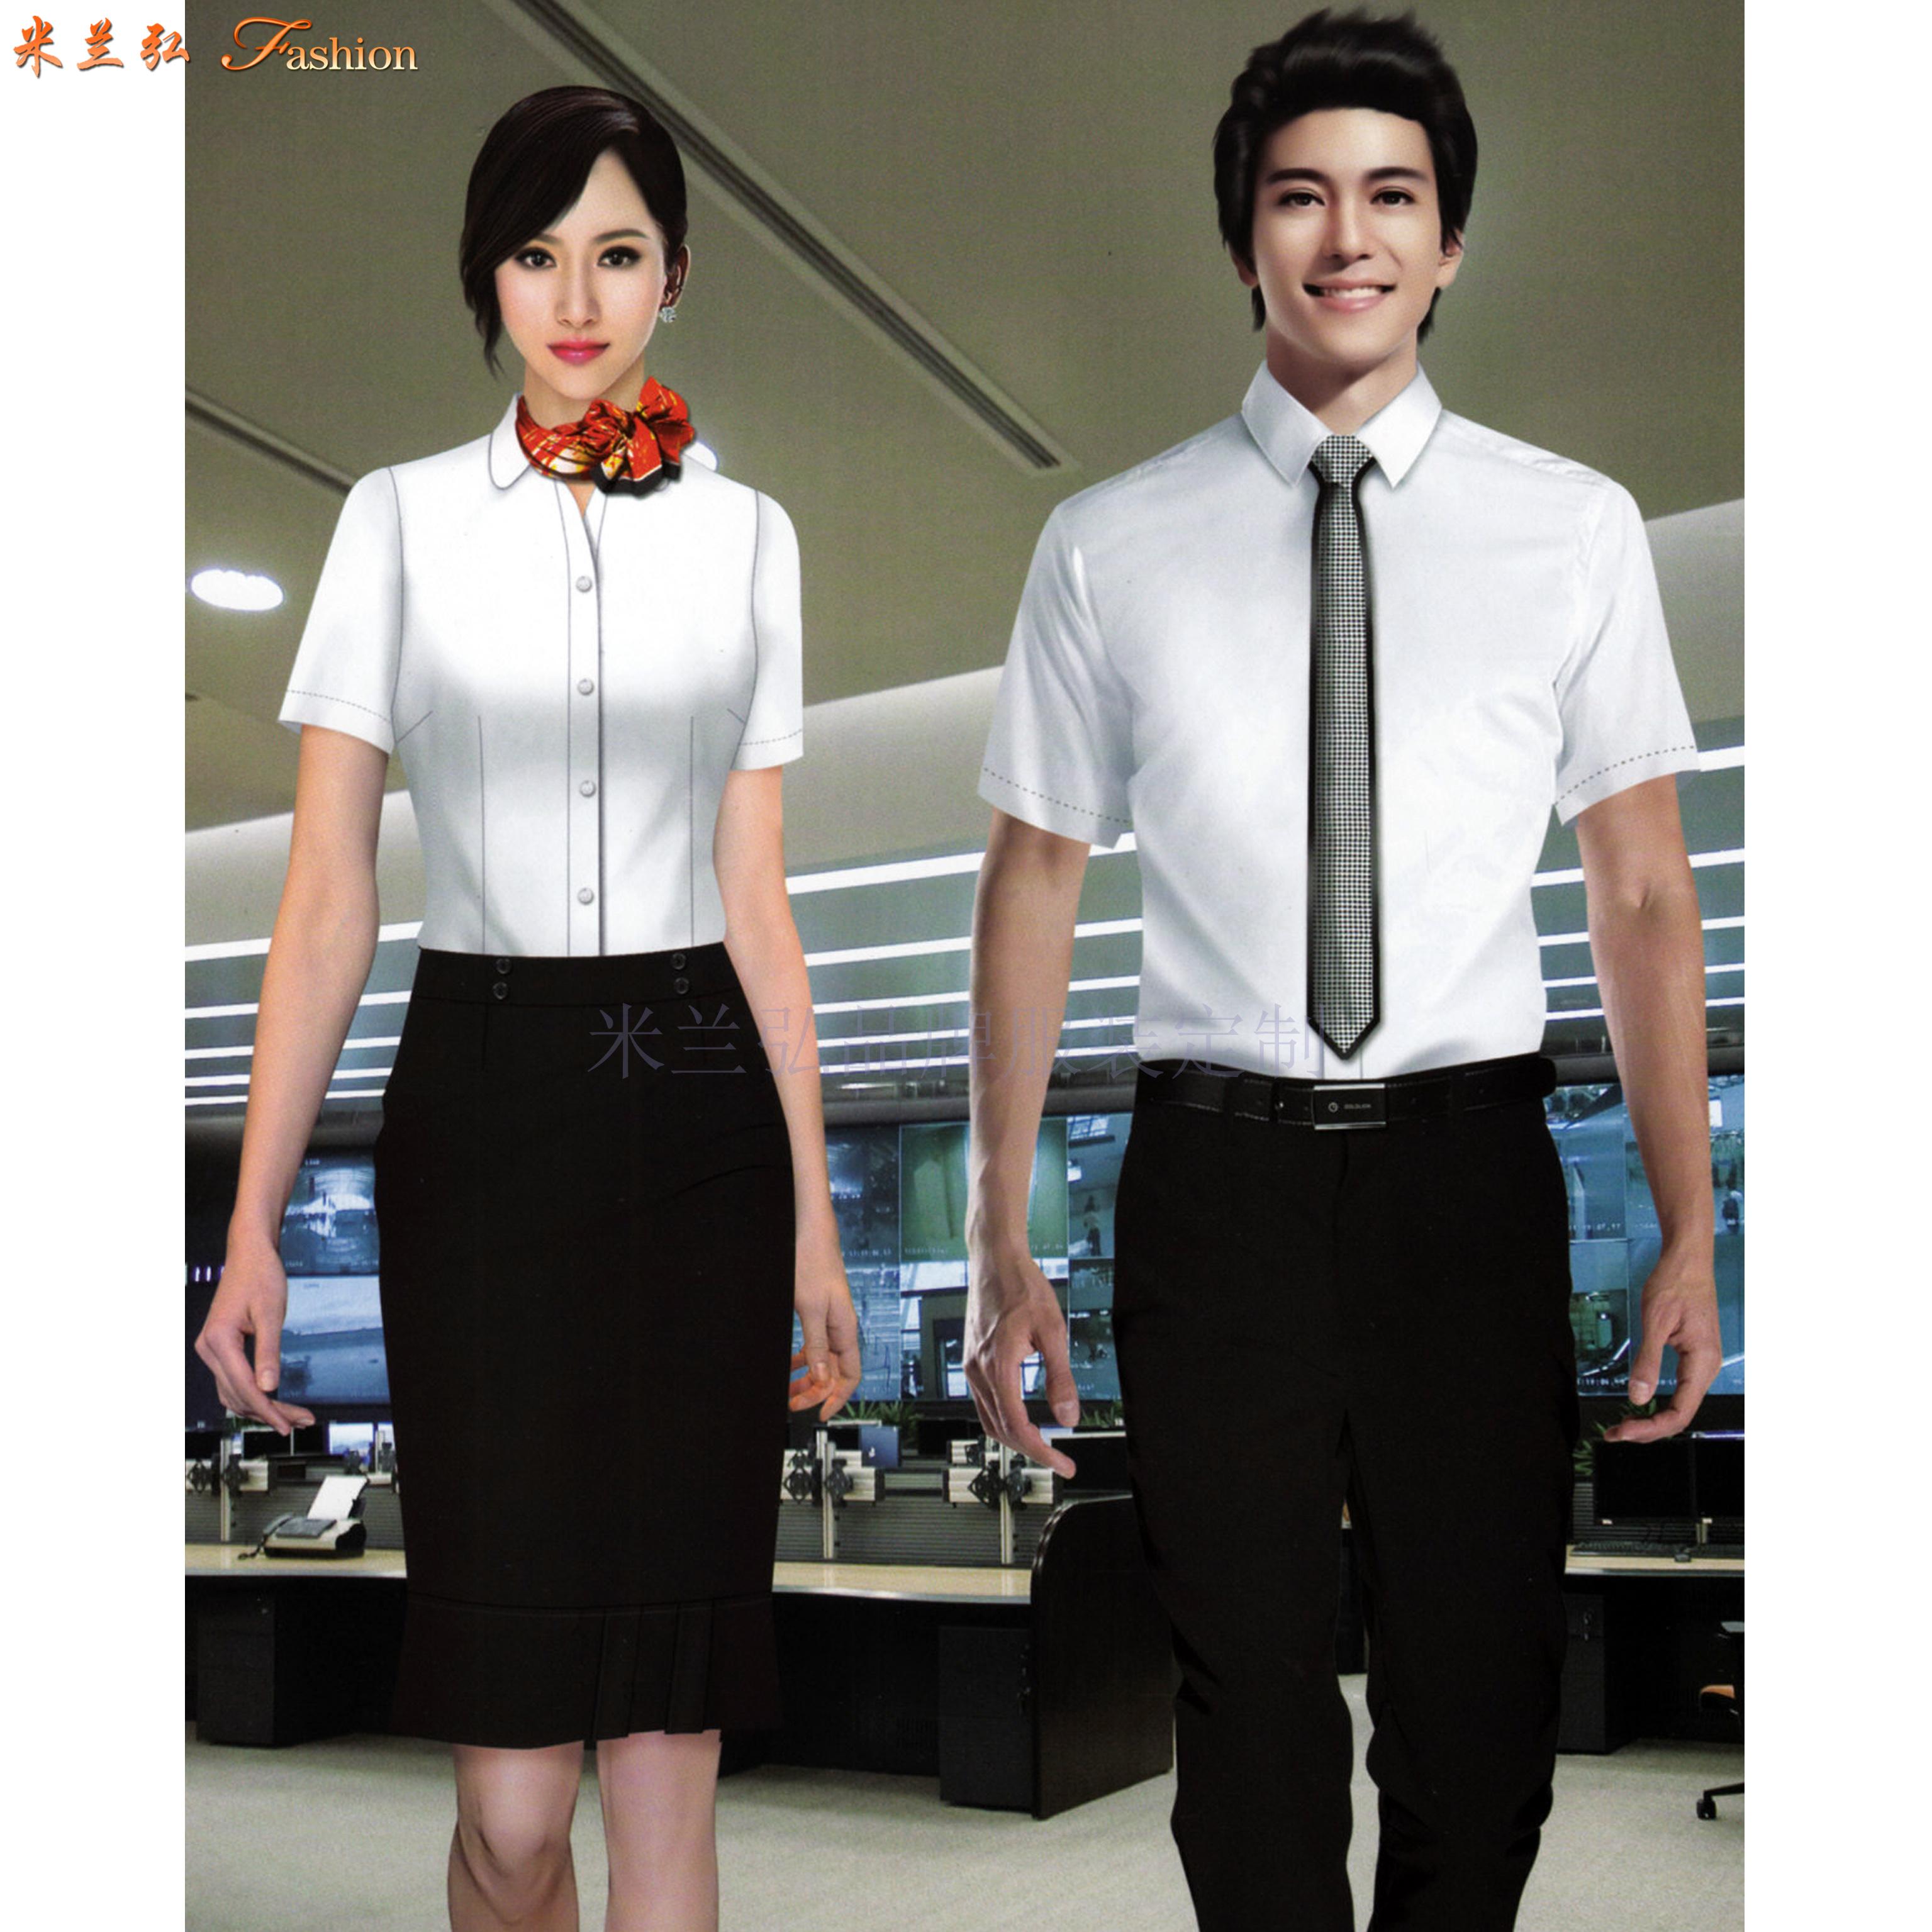 「白襯衫」廠家直供夏天白色男女通勤天絲棉襯衫-米蘭弘服裝-5